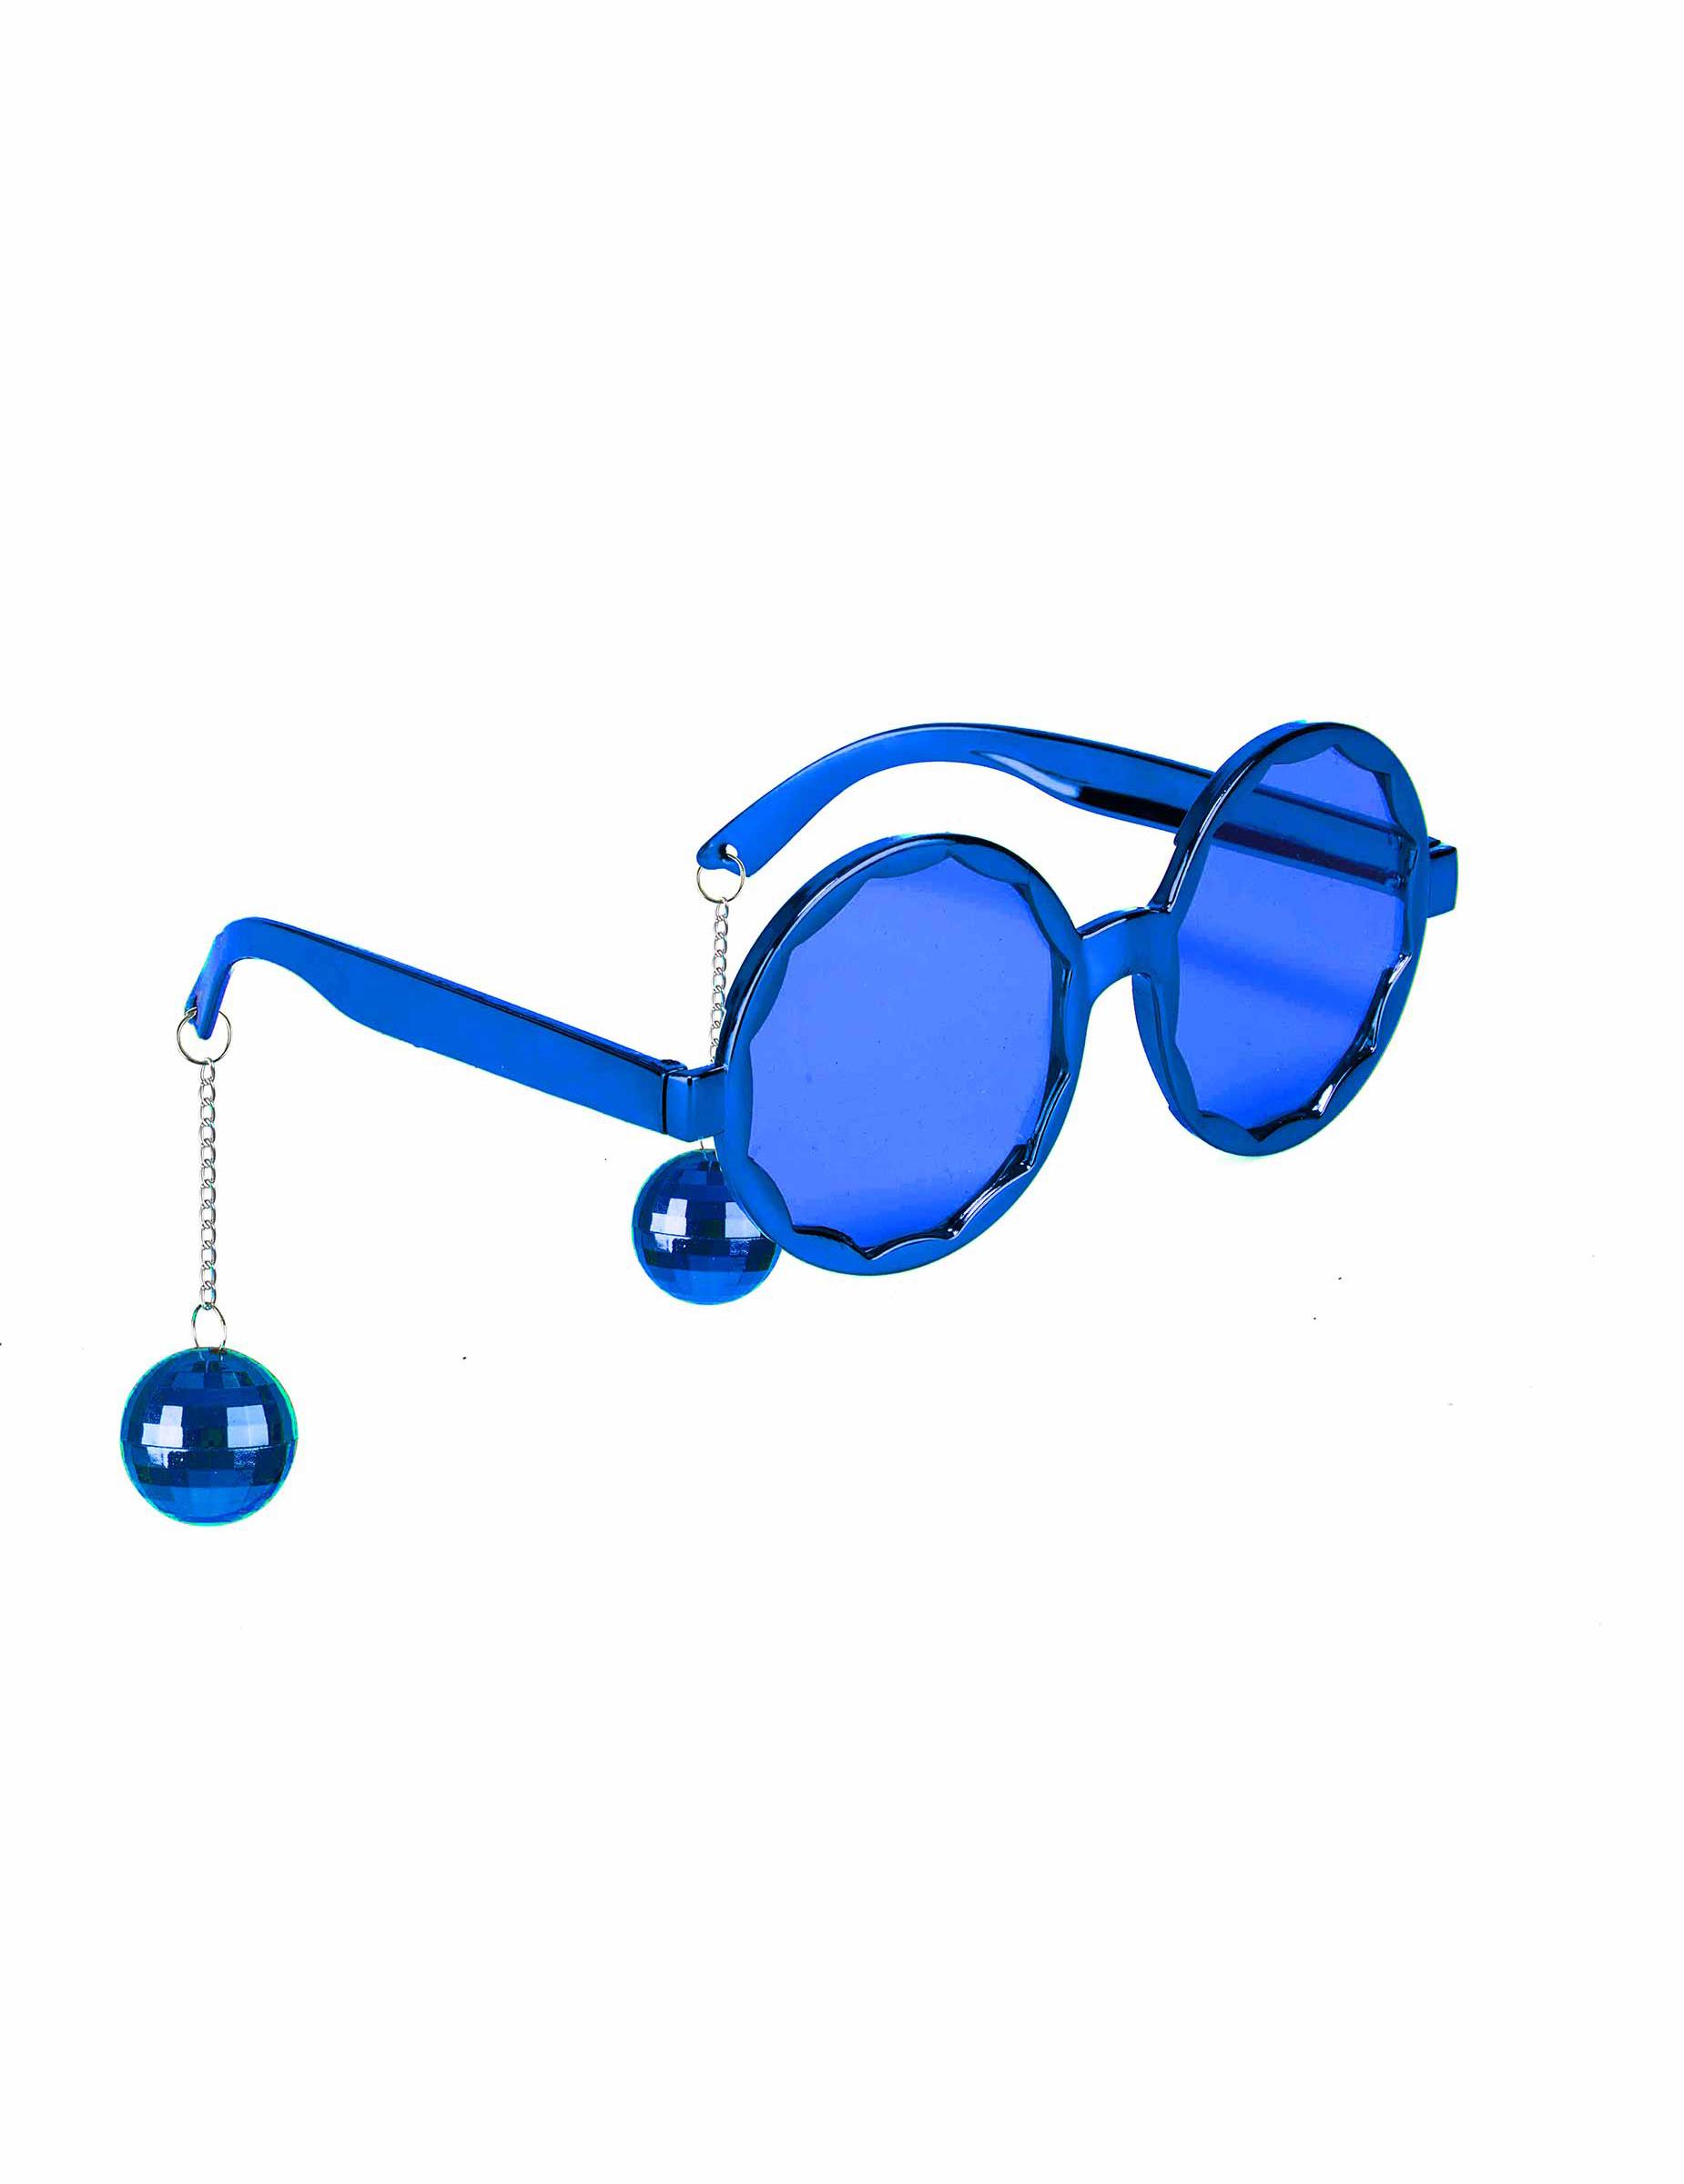 6481ea5c6fe4f7 Lunettes bleues disco adulte   Deguise-toi, achat de Accessoires